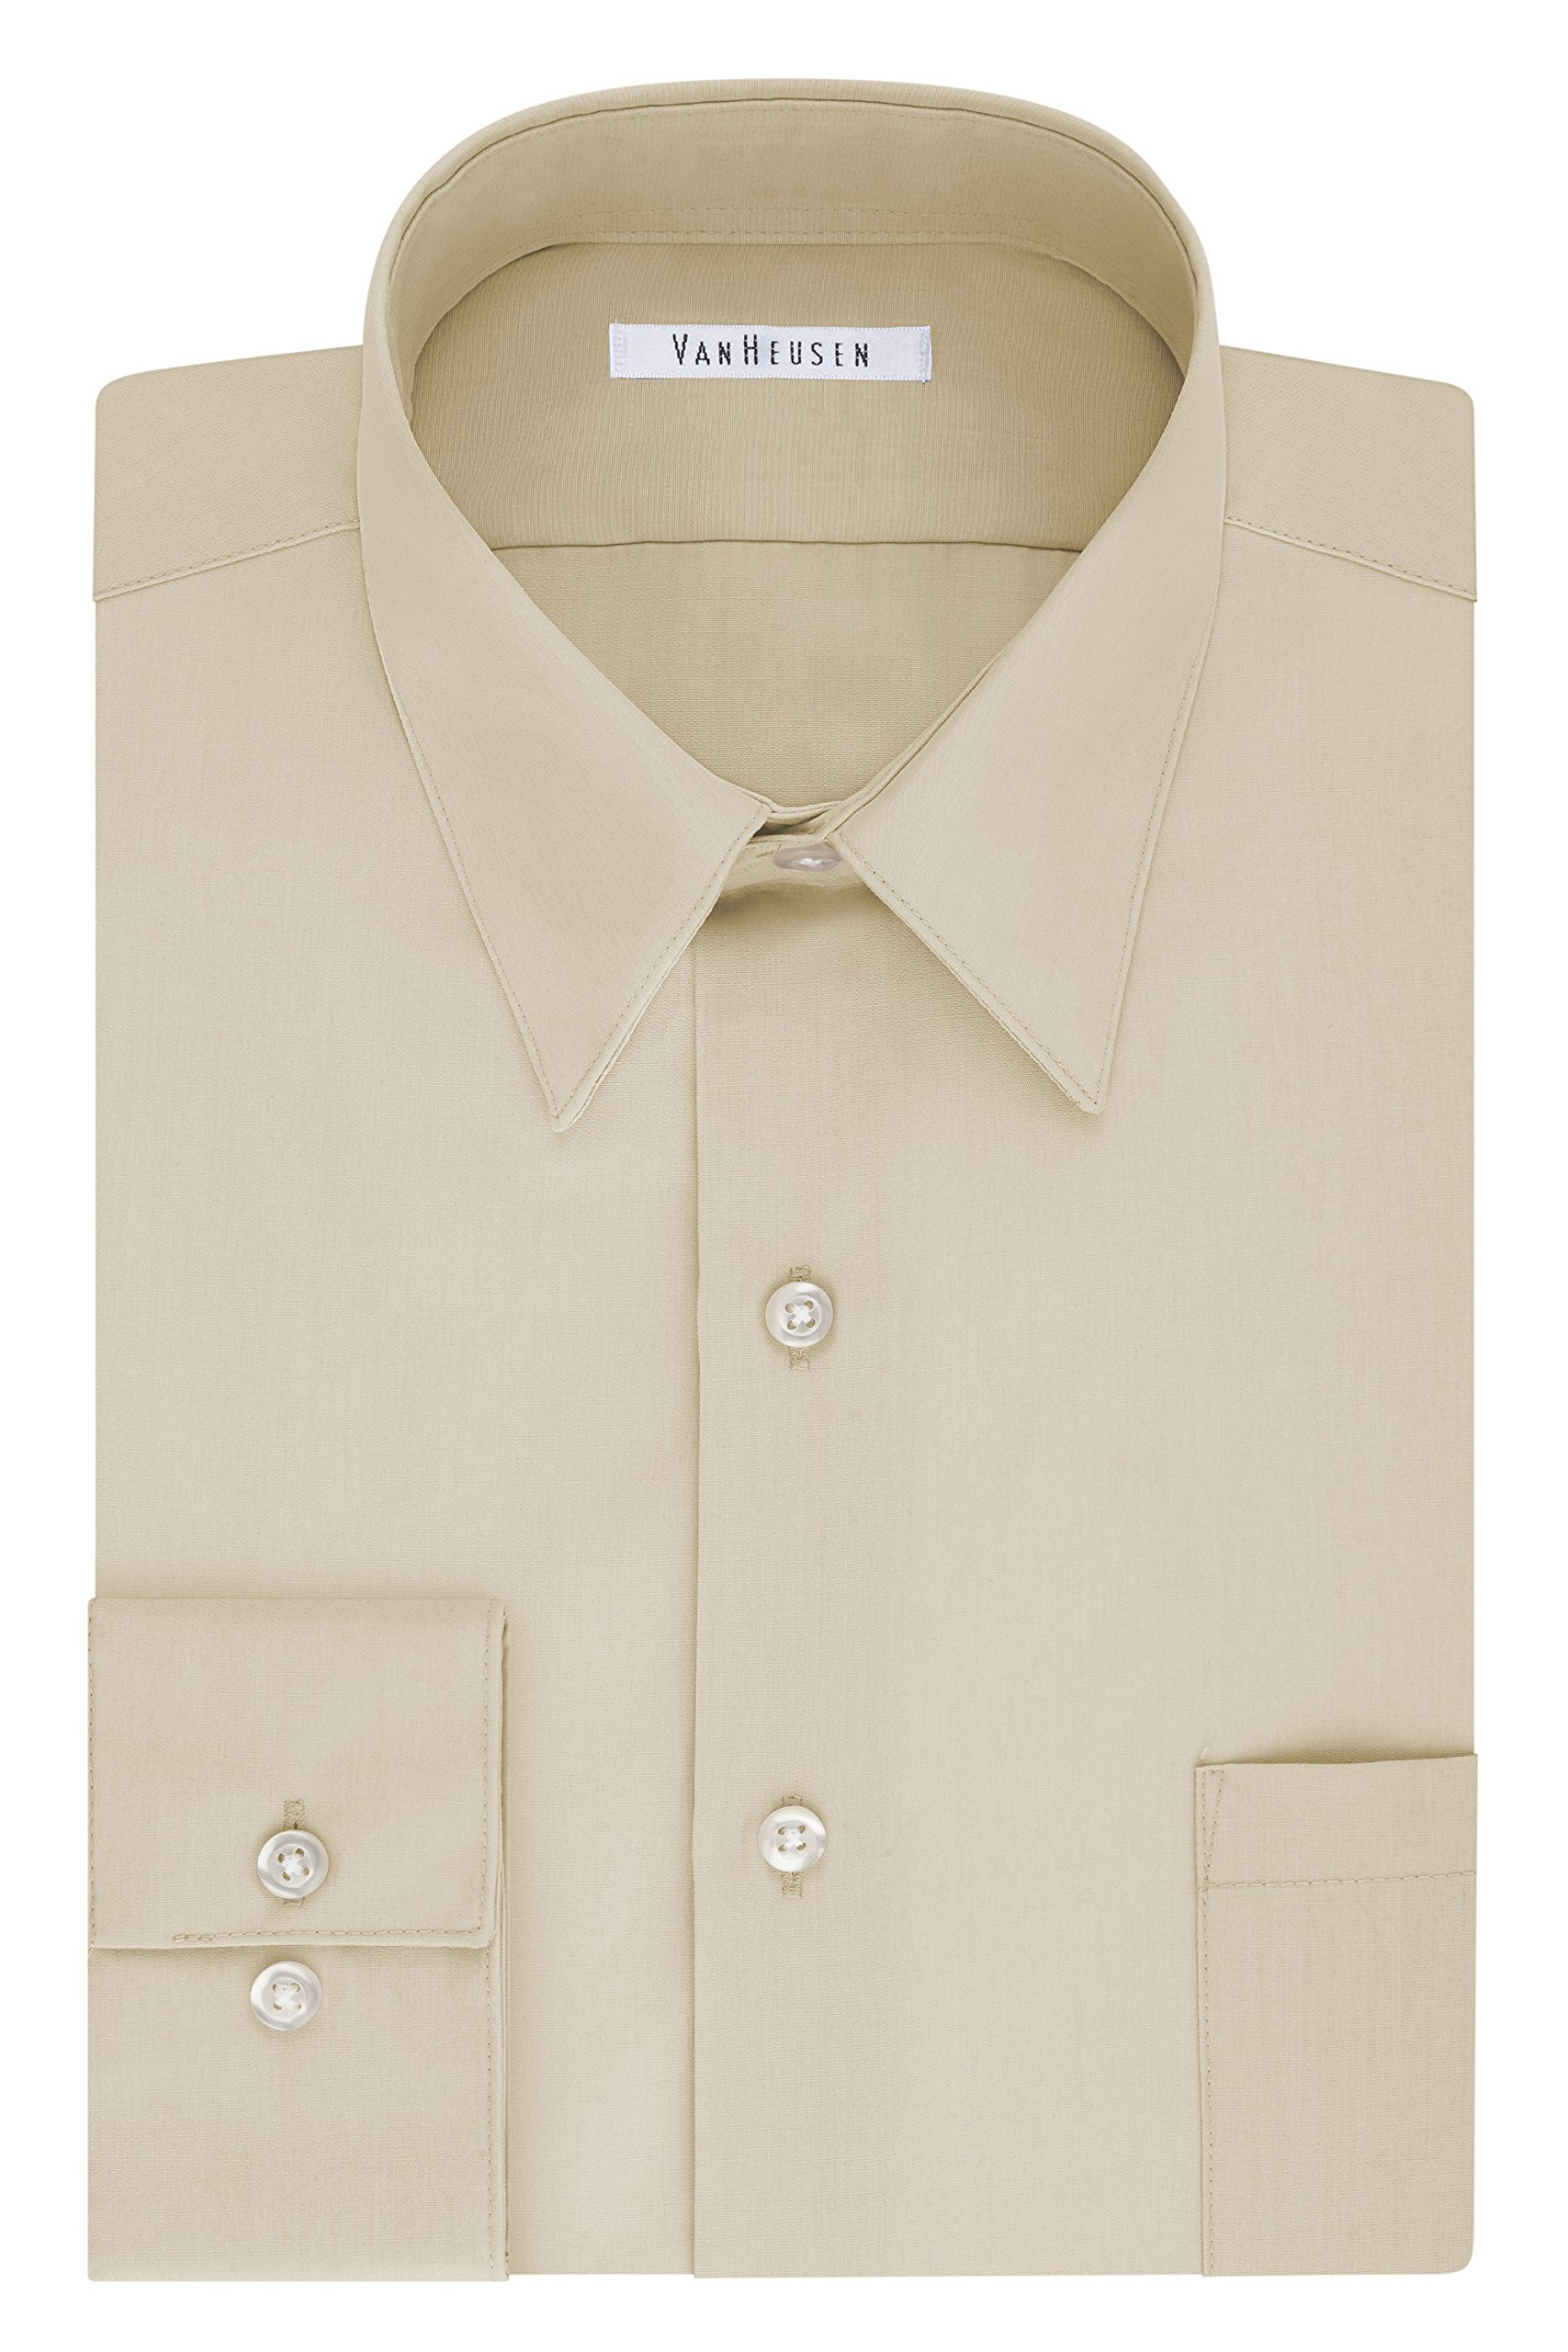 Van Heusen Men's Tall Fit Dress Shirts Poplin (Big and Tall)